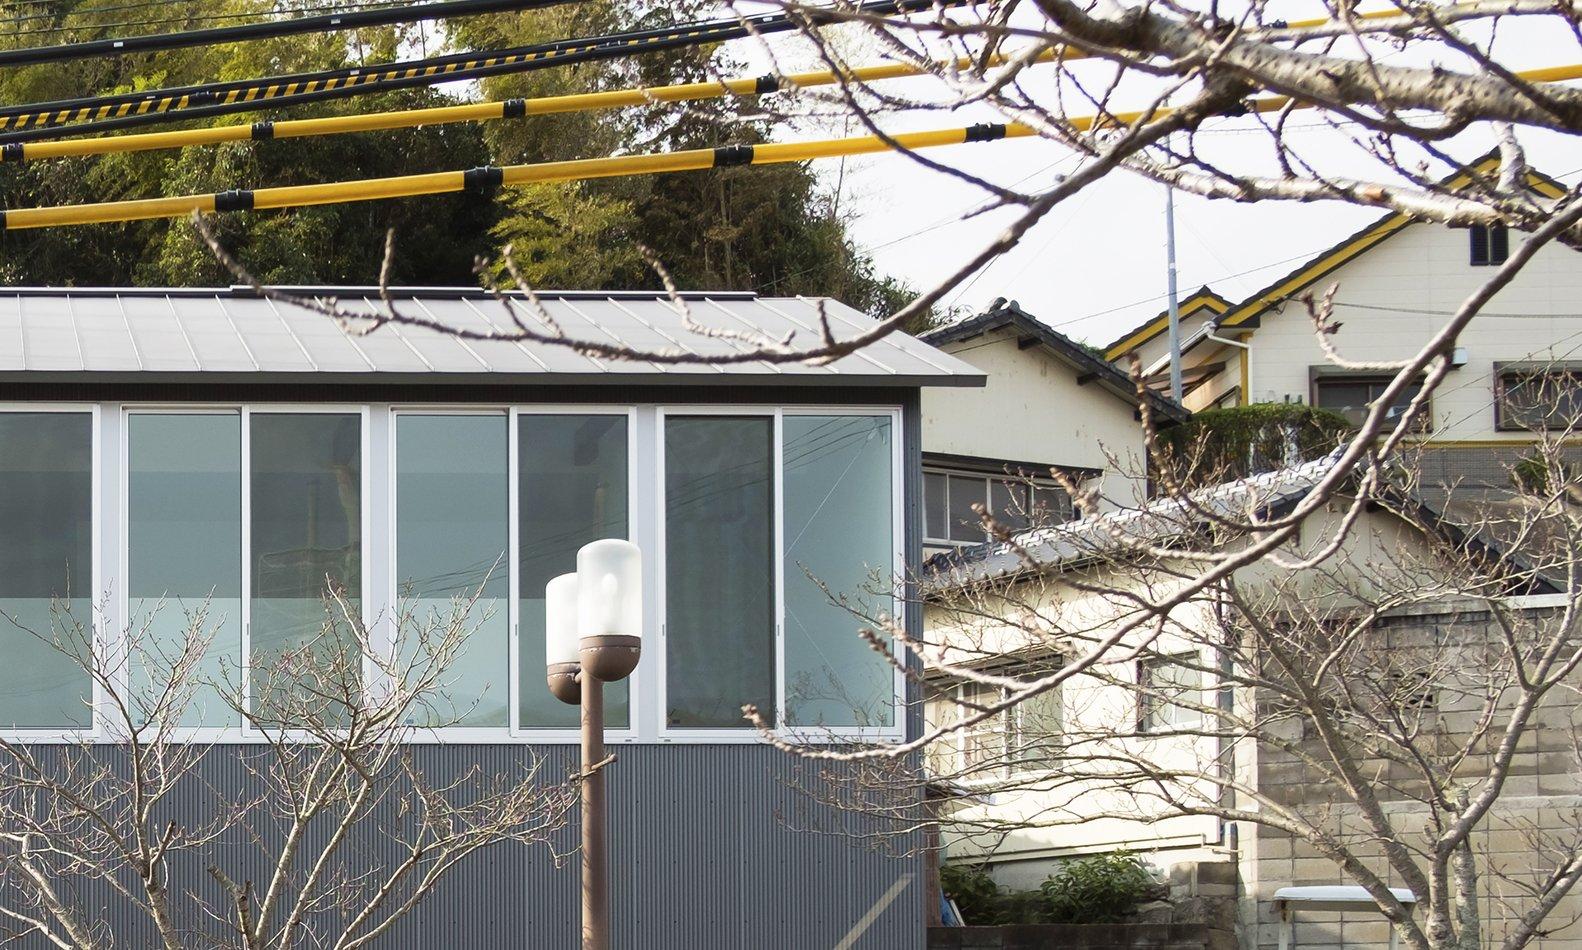 House in Futako by Yabashi Architects & Associates - Photo 7 of 7